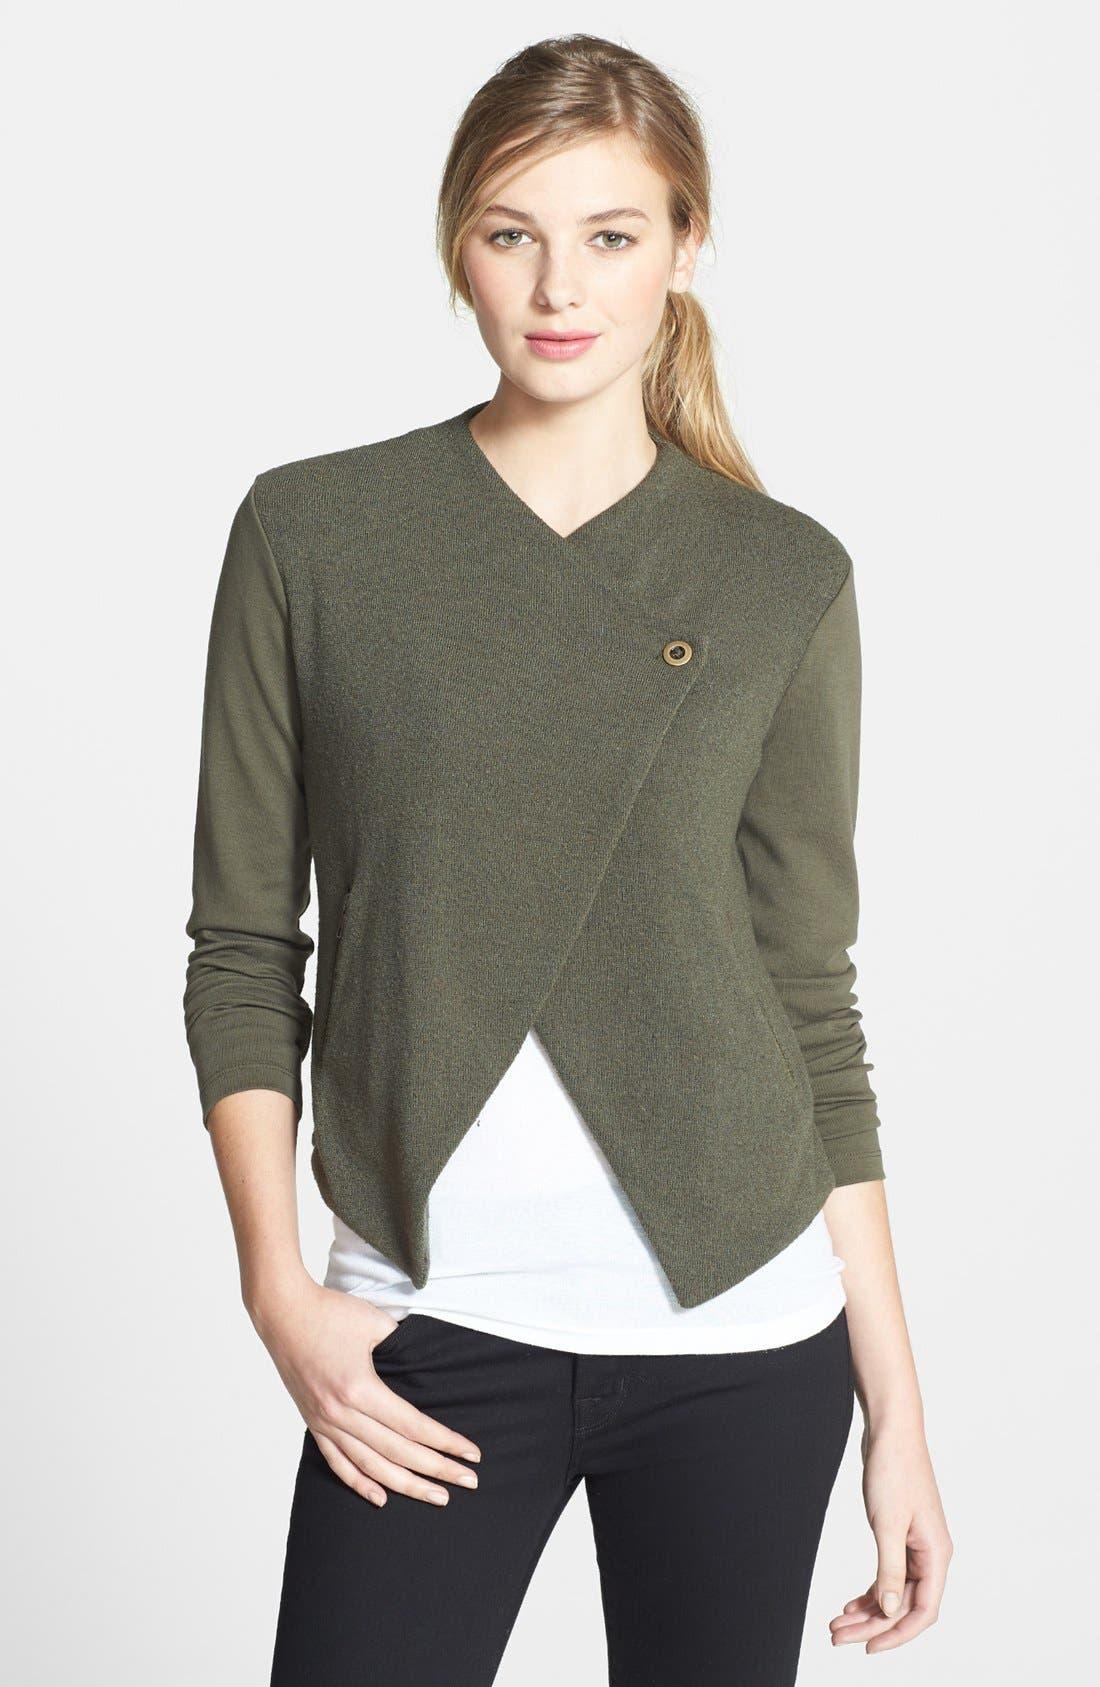 Alternate Image 1 Selected - Halogen® Tweed & Solid Knit Jacket